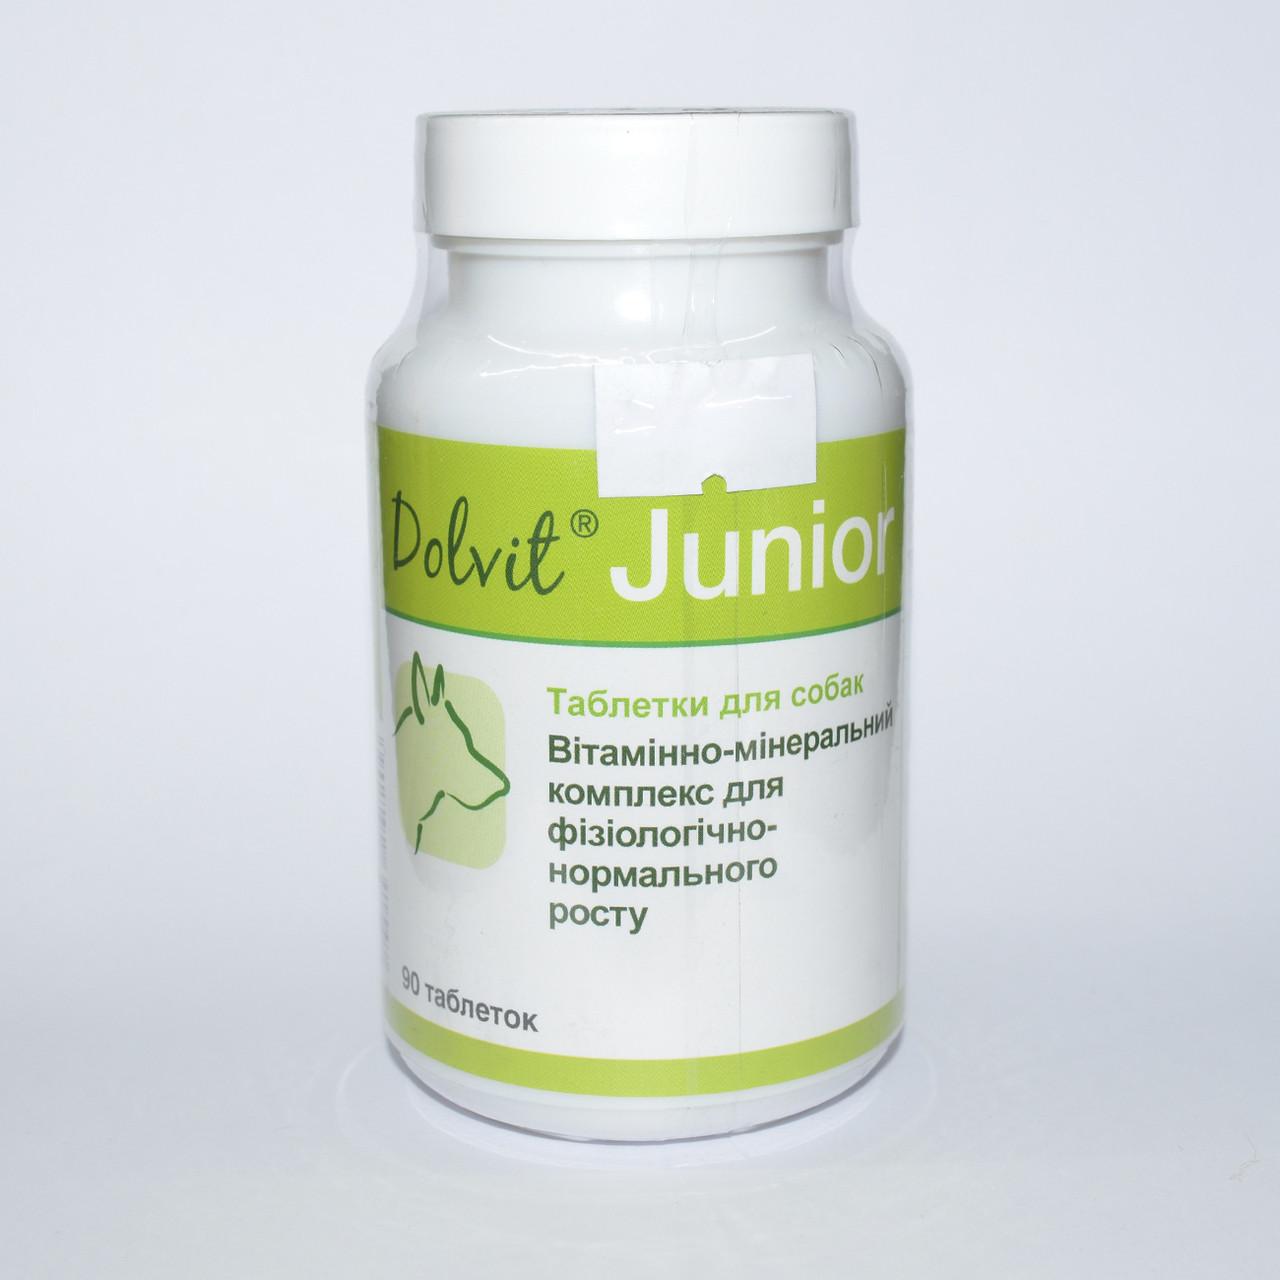 Dolfos Junior 90 таблеток - витаминно-минеральный комплекс для щенков (127-90)